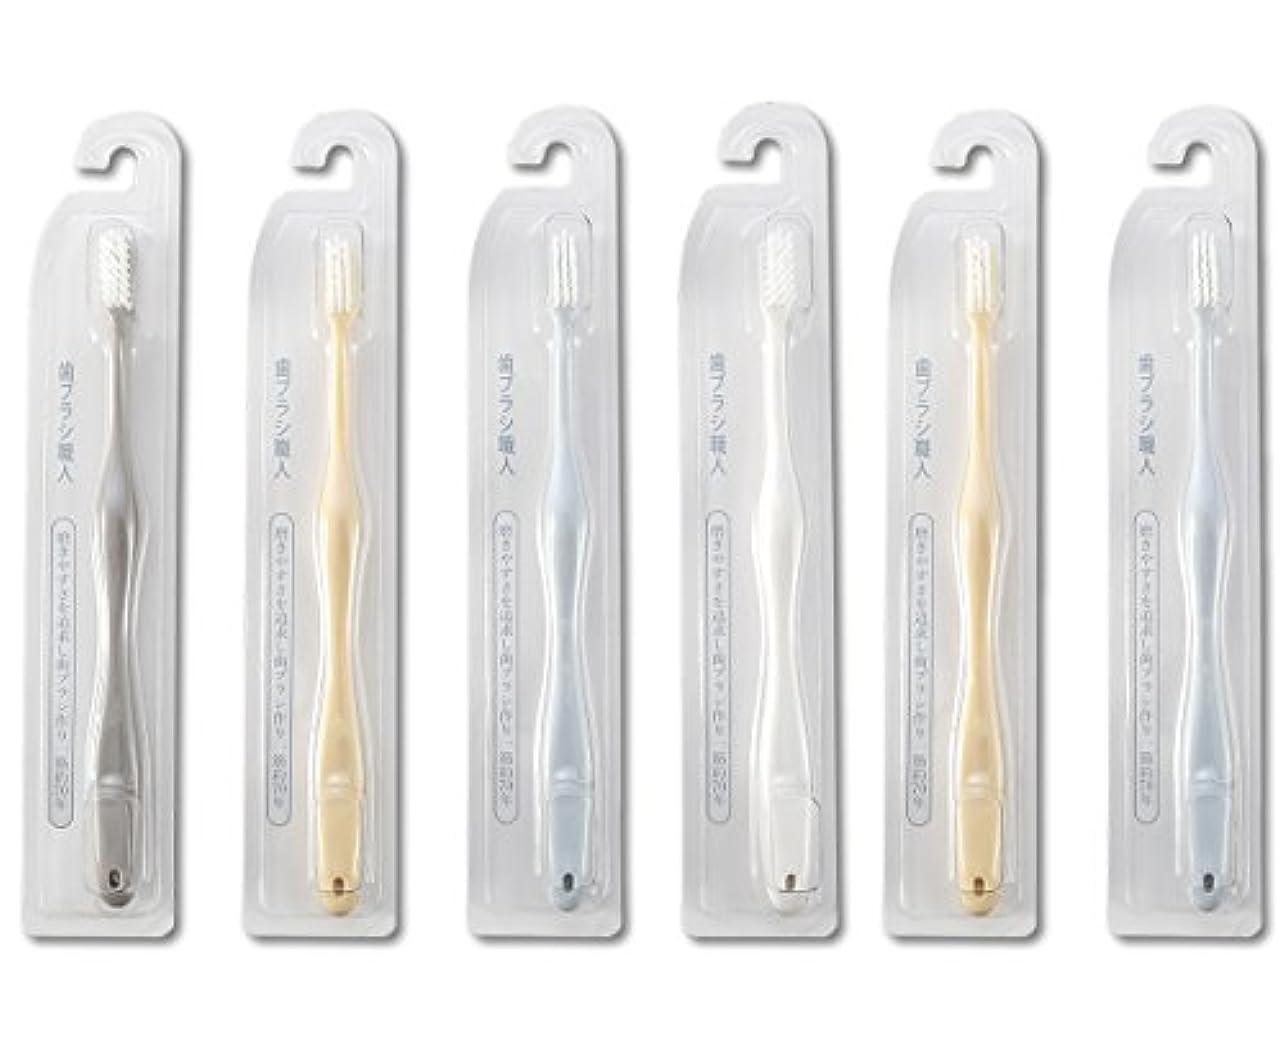 トラクター恐ろしいぴかぴか歯ブラシ職人Artooth ®田辺重吉 磨きやすい歯ブラシ 極 AT-09 (6本組)